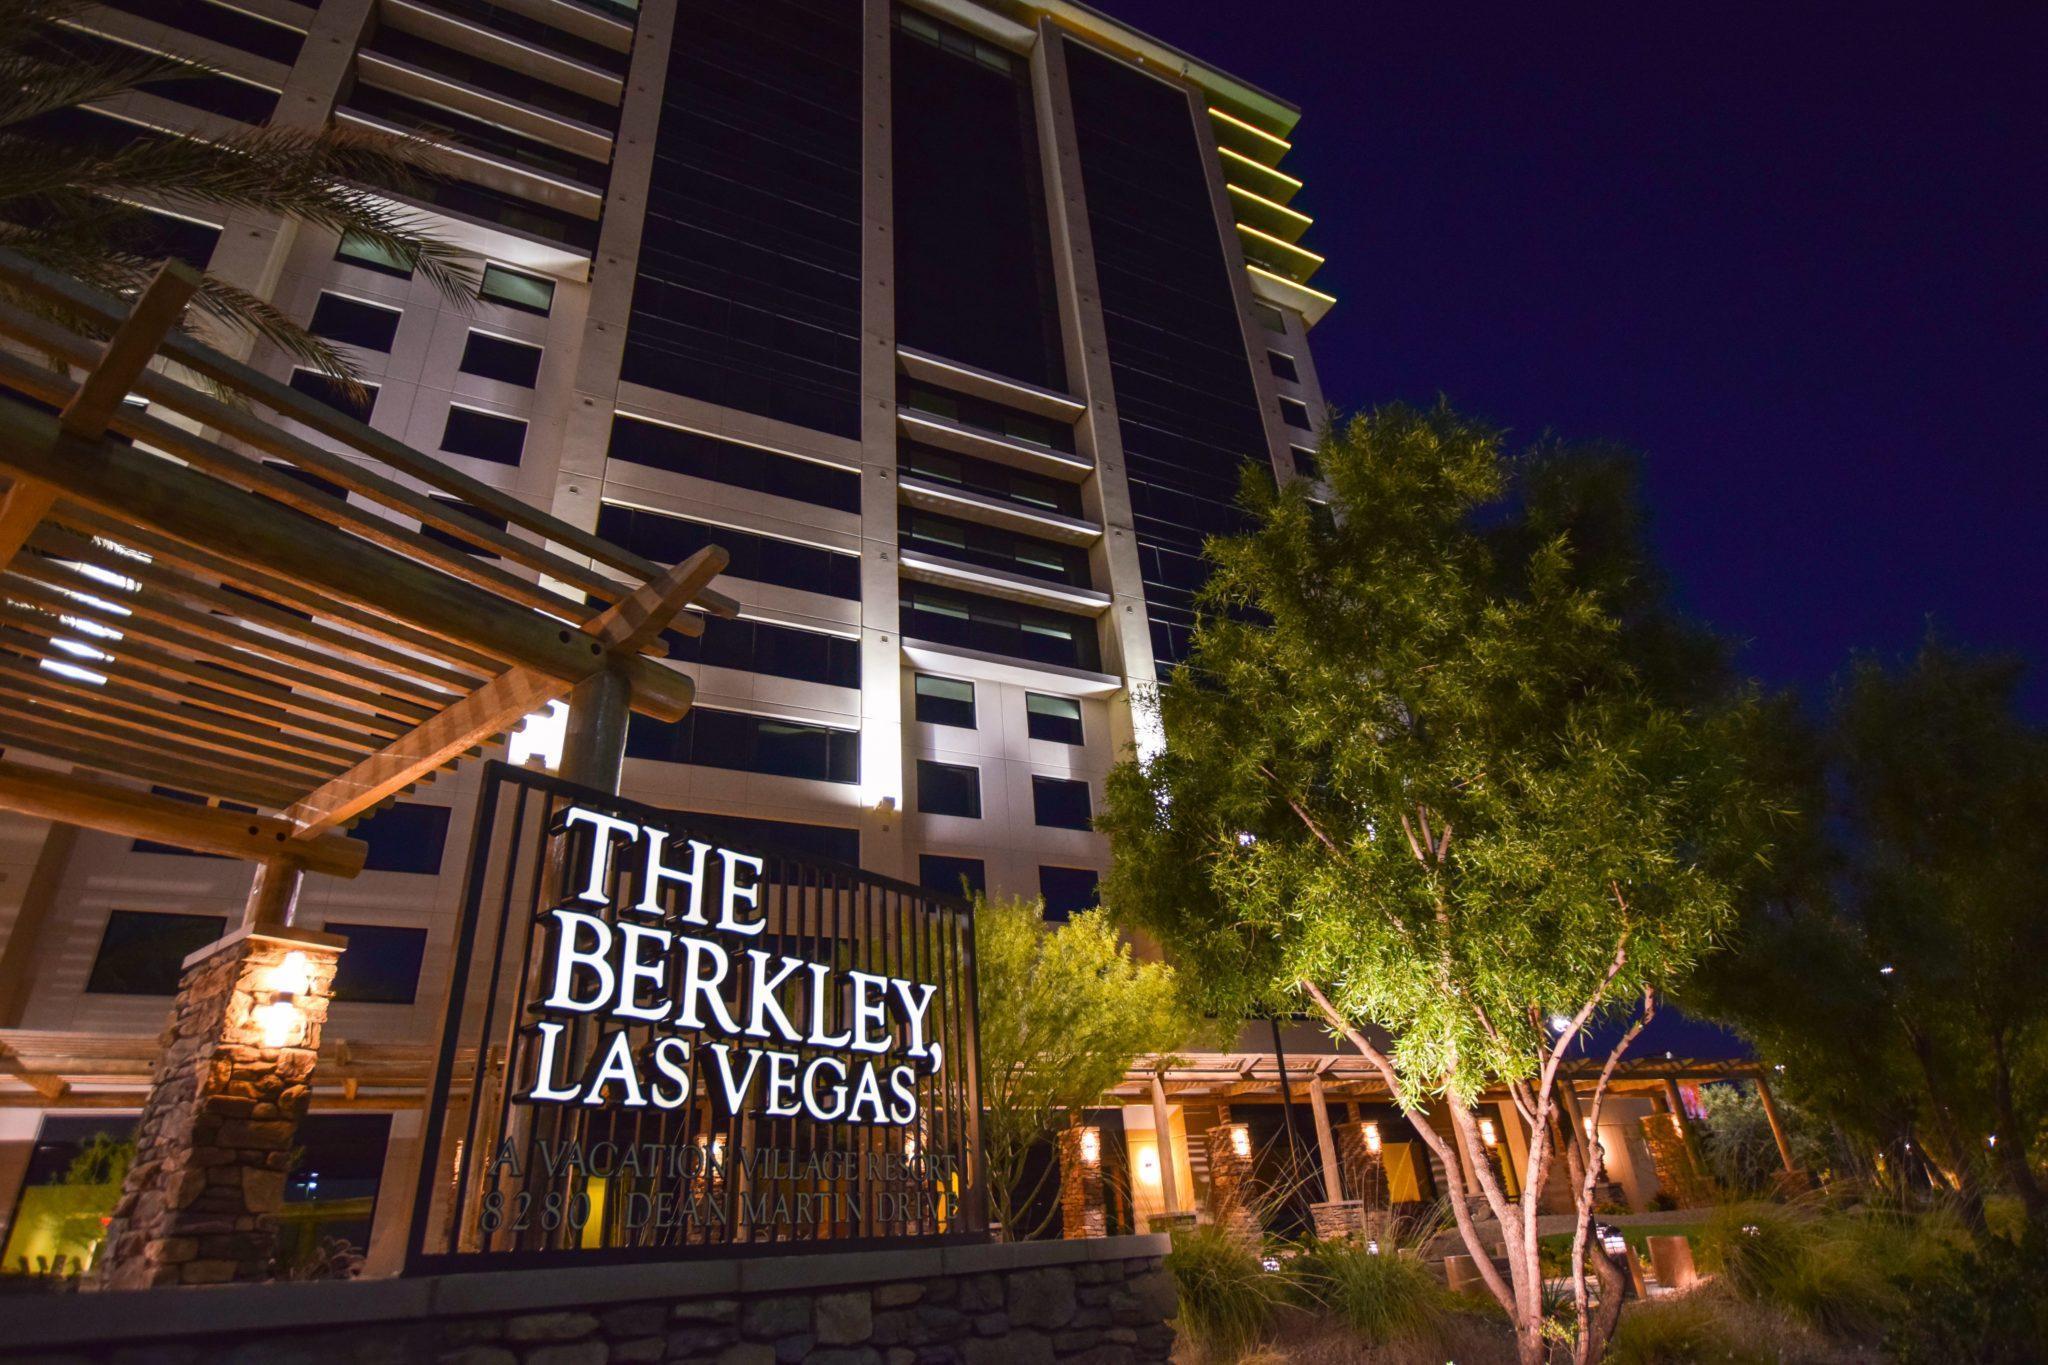 The Berkley, Las Vegas